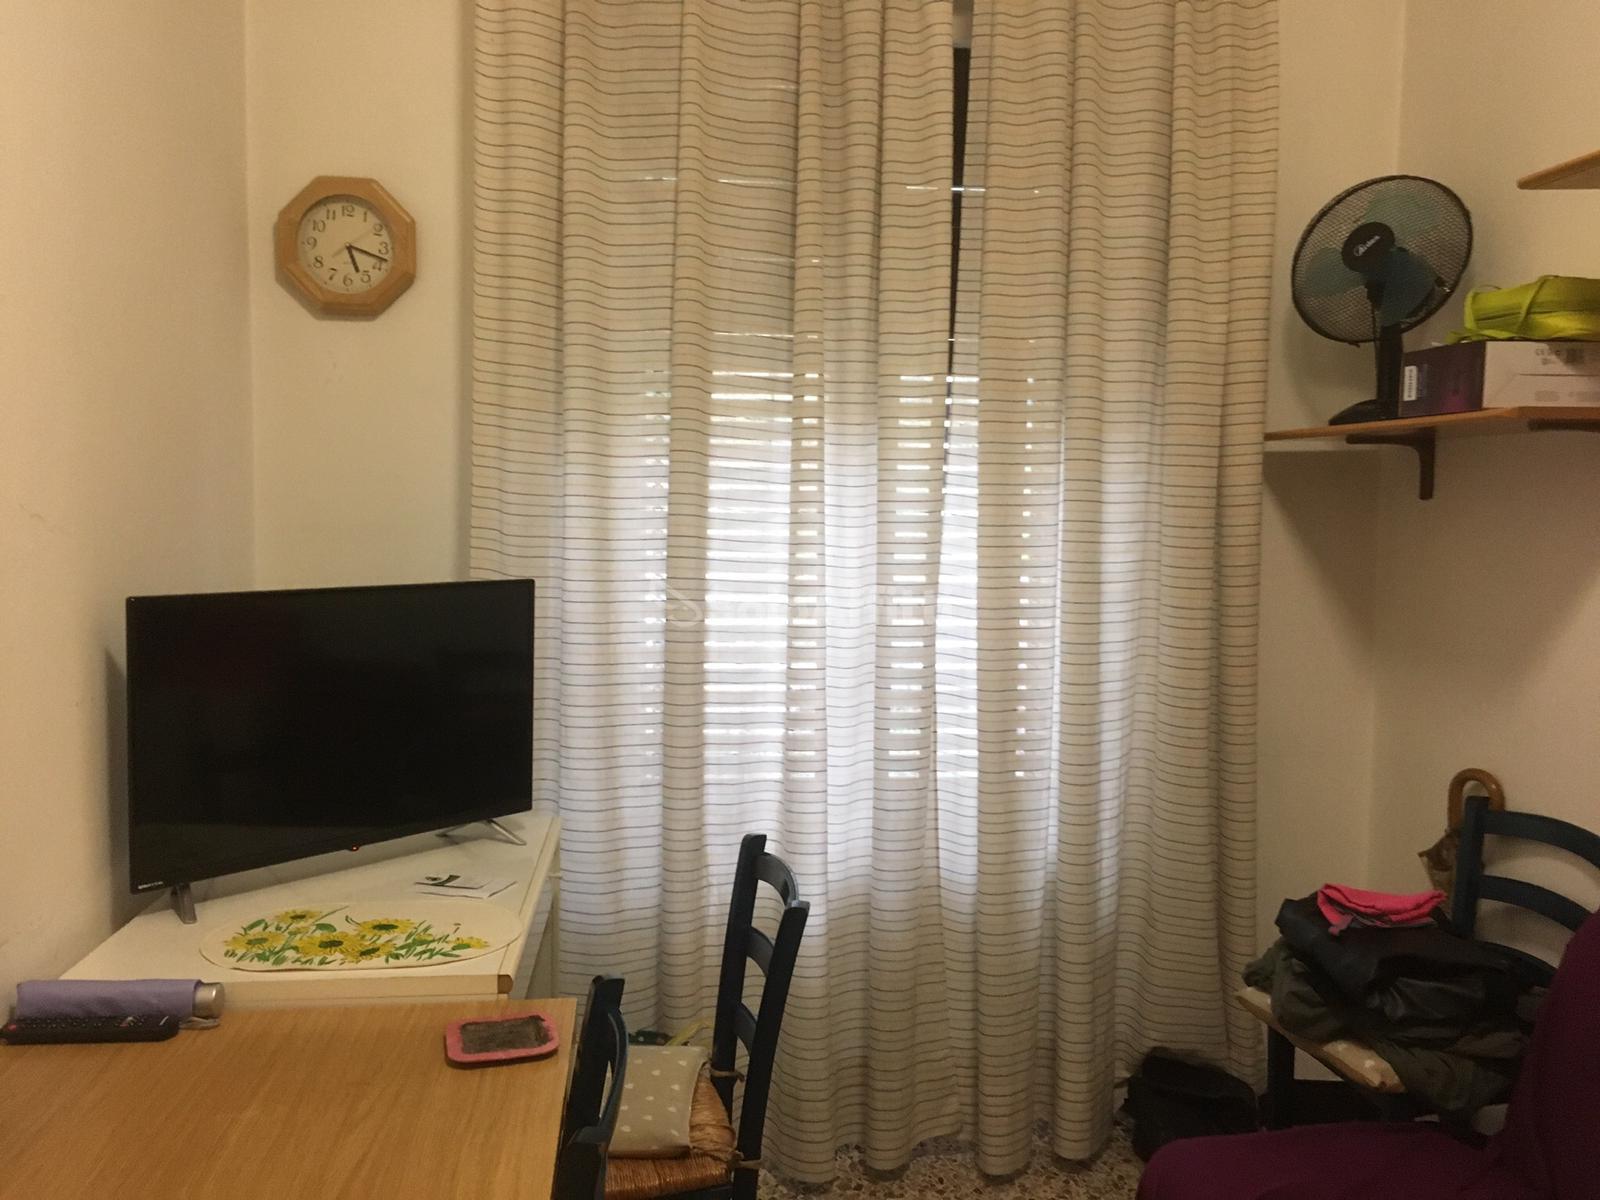 camera lato scrivania.jpg